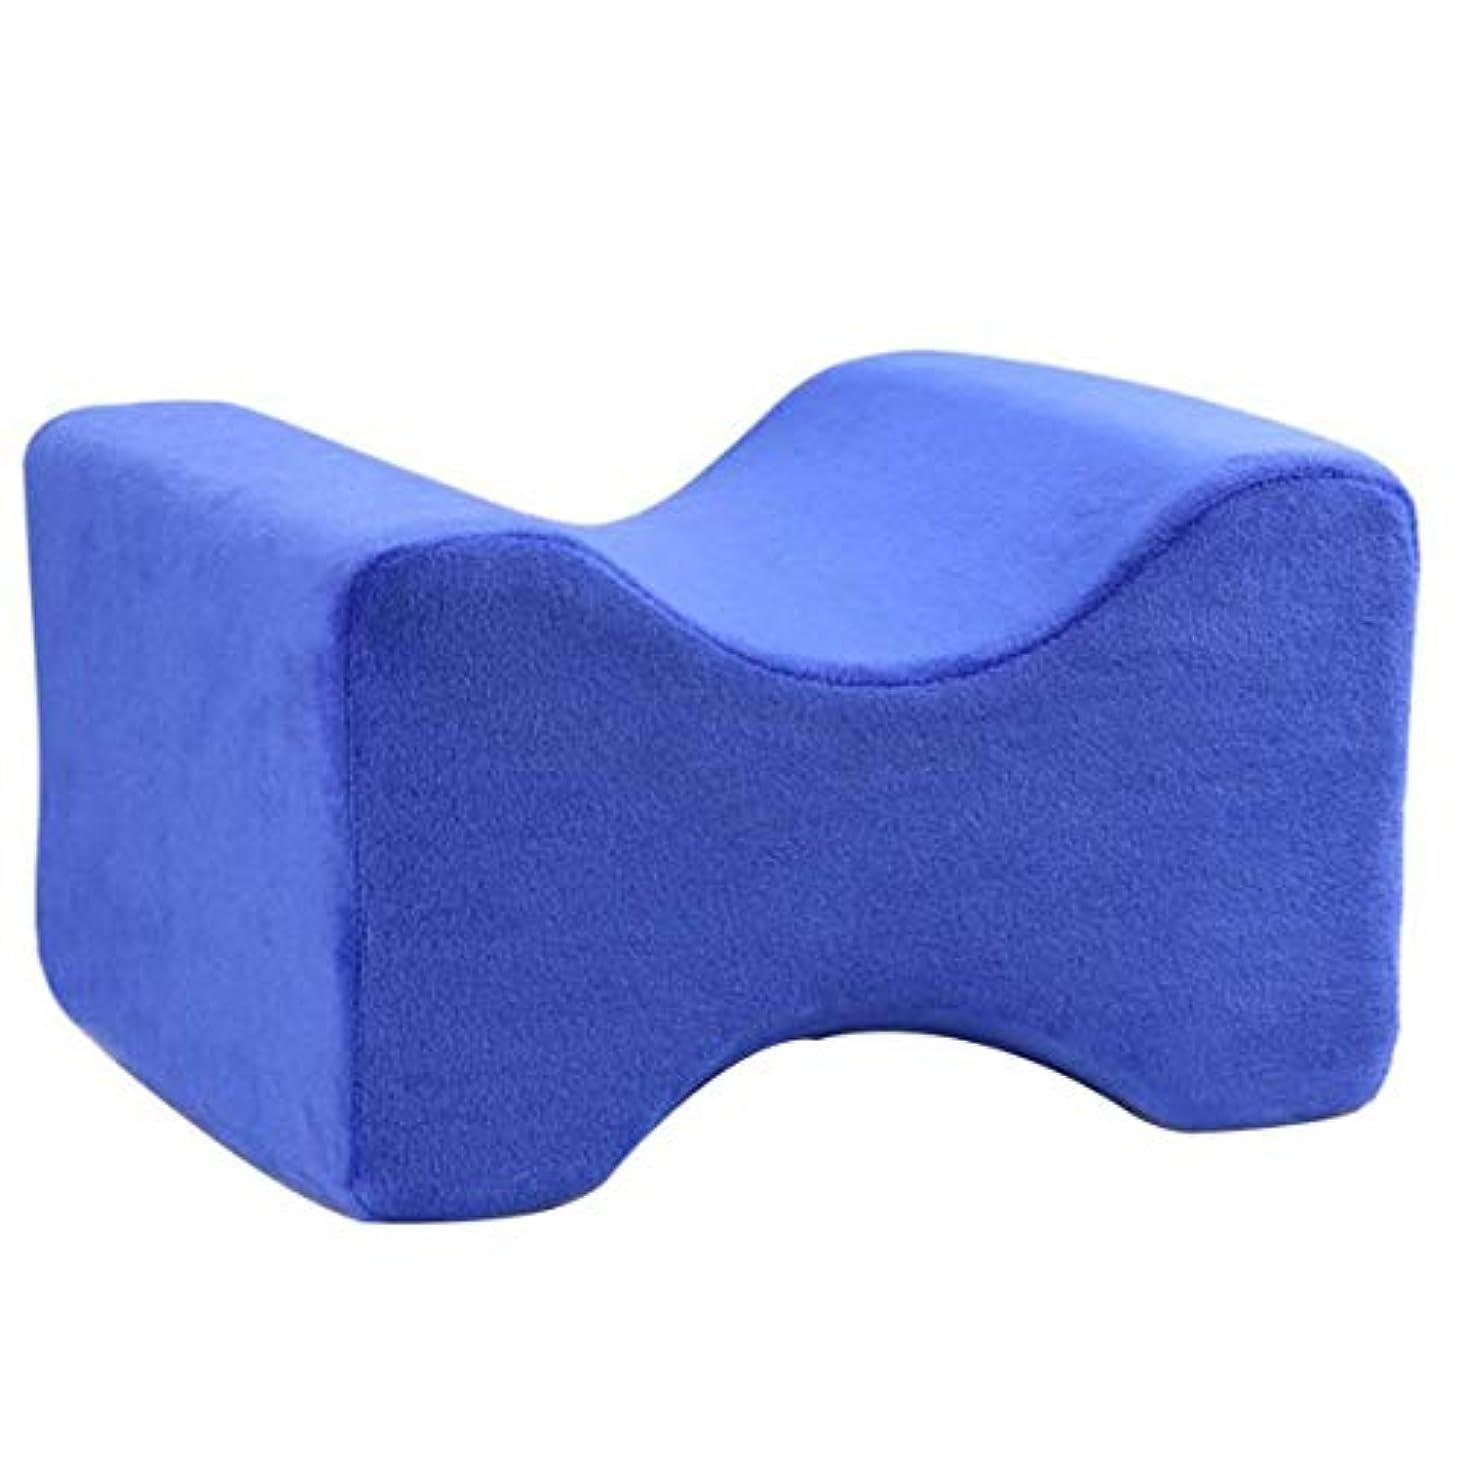 好む売り手起こるIntercoreyソフト枕膝枕クリップ足低反発ウェッジ遅いリバウンド低反発綿クランプマッサージ枕用男性女性